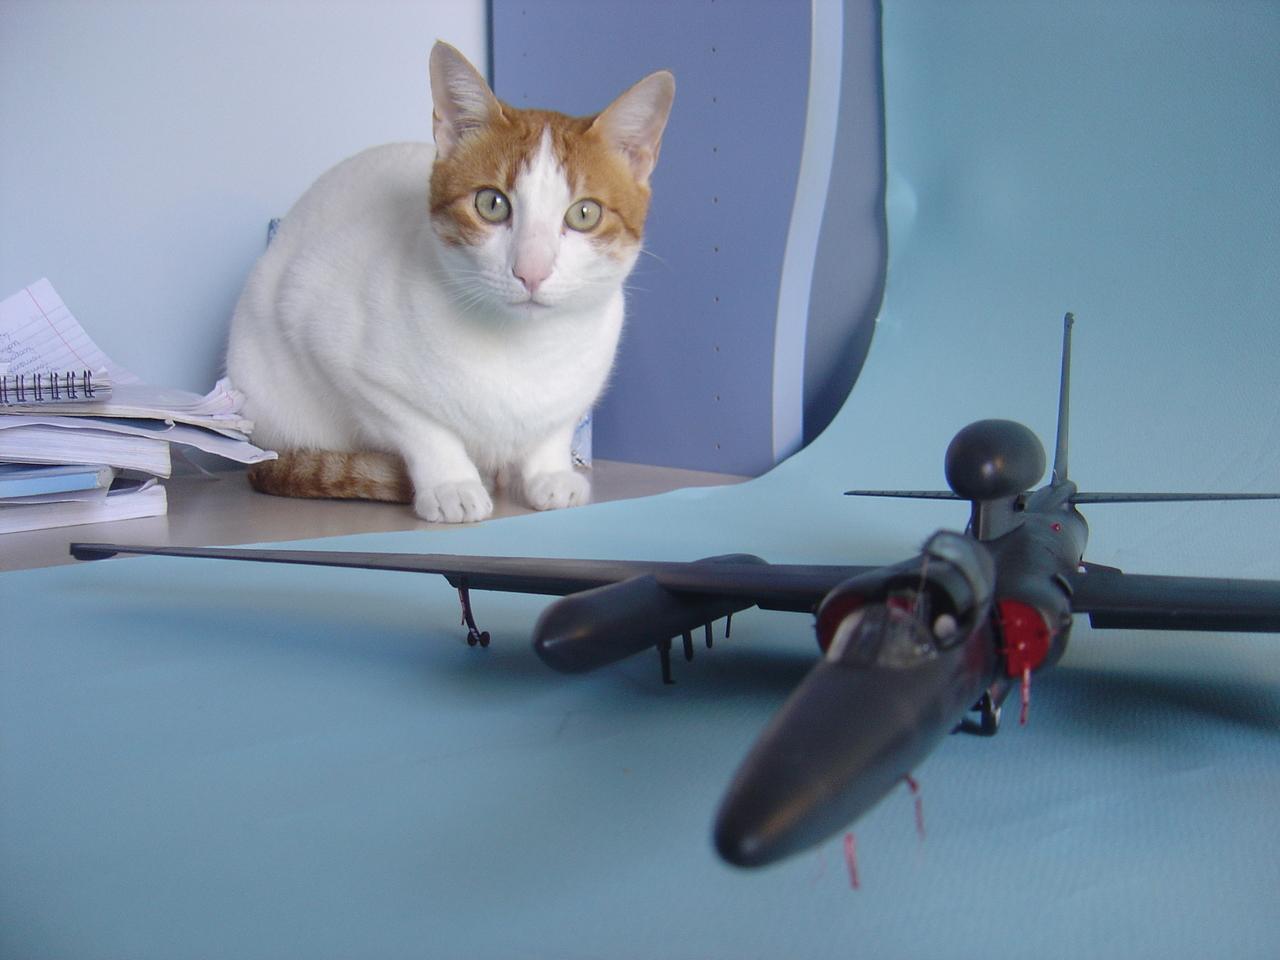 U-2  (οχι το συγκροτημα ρεεε...) R  Senior Span. - Σελίδα 3 Ozi